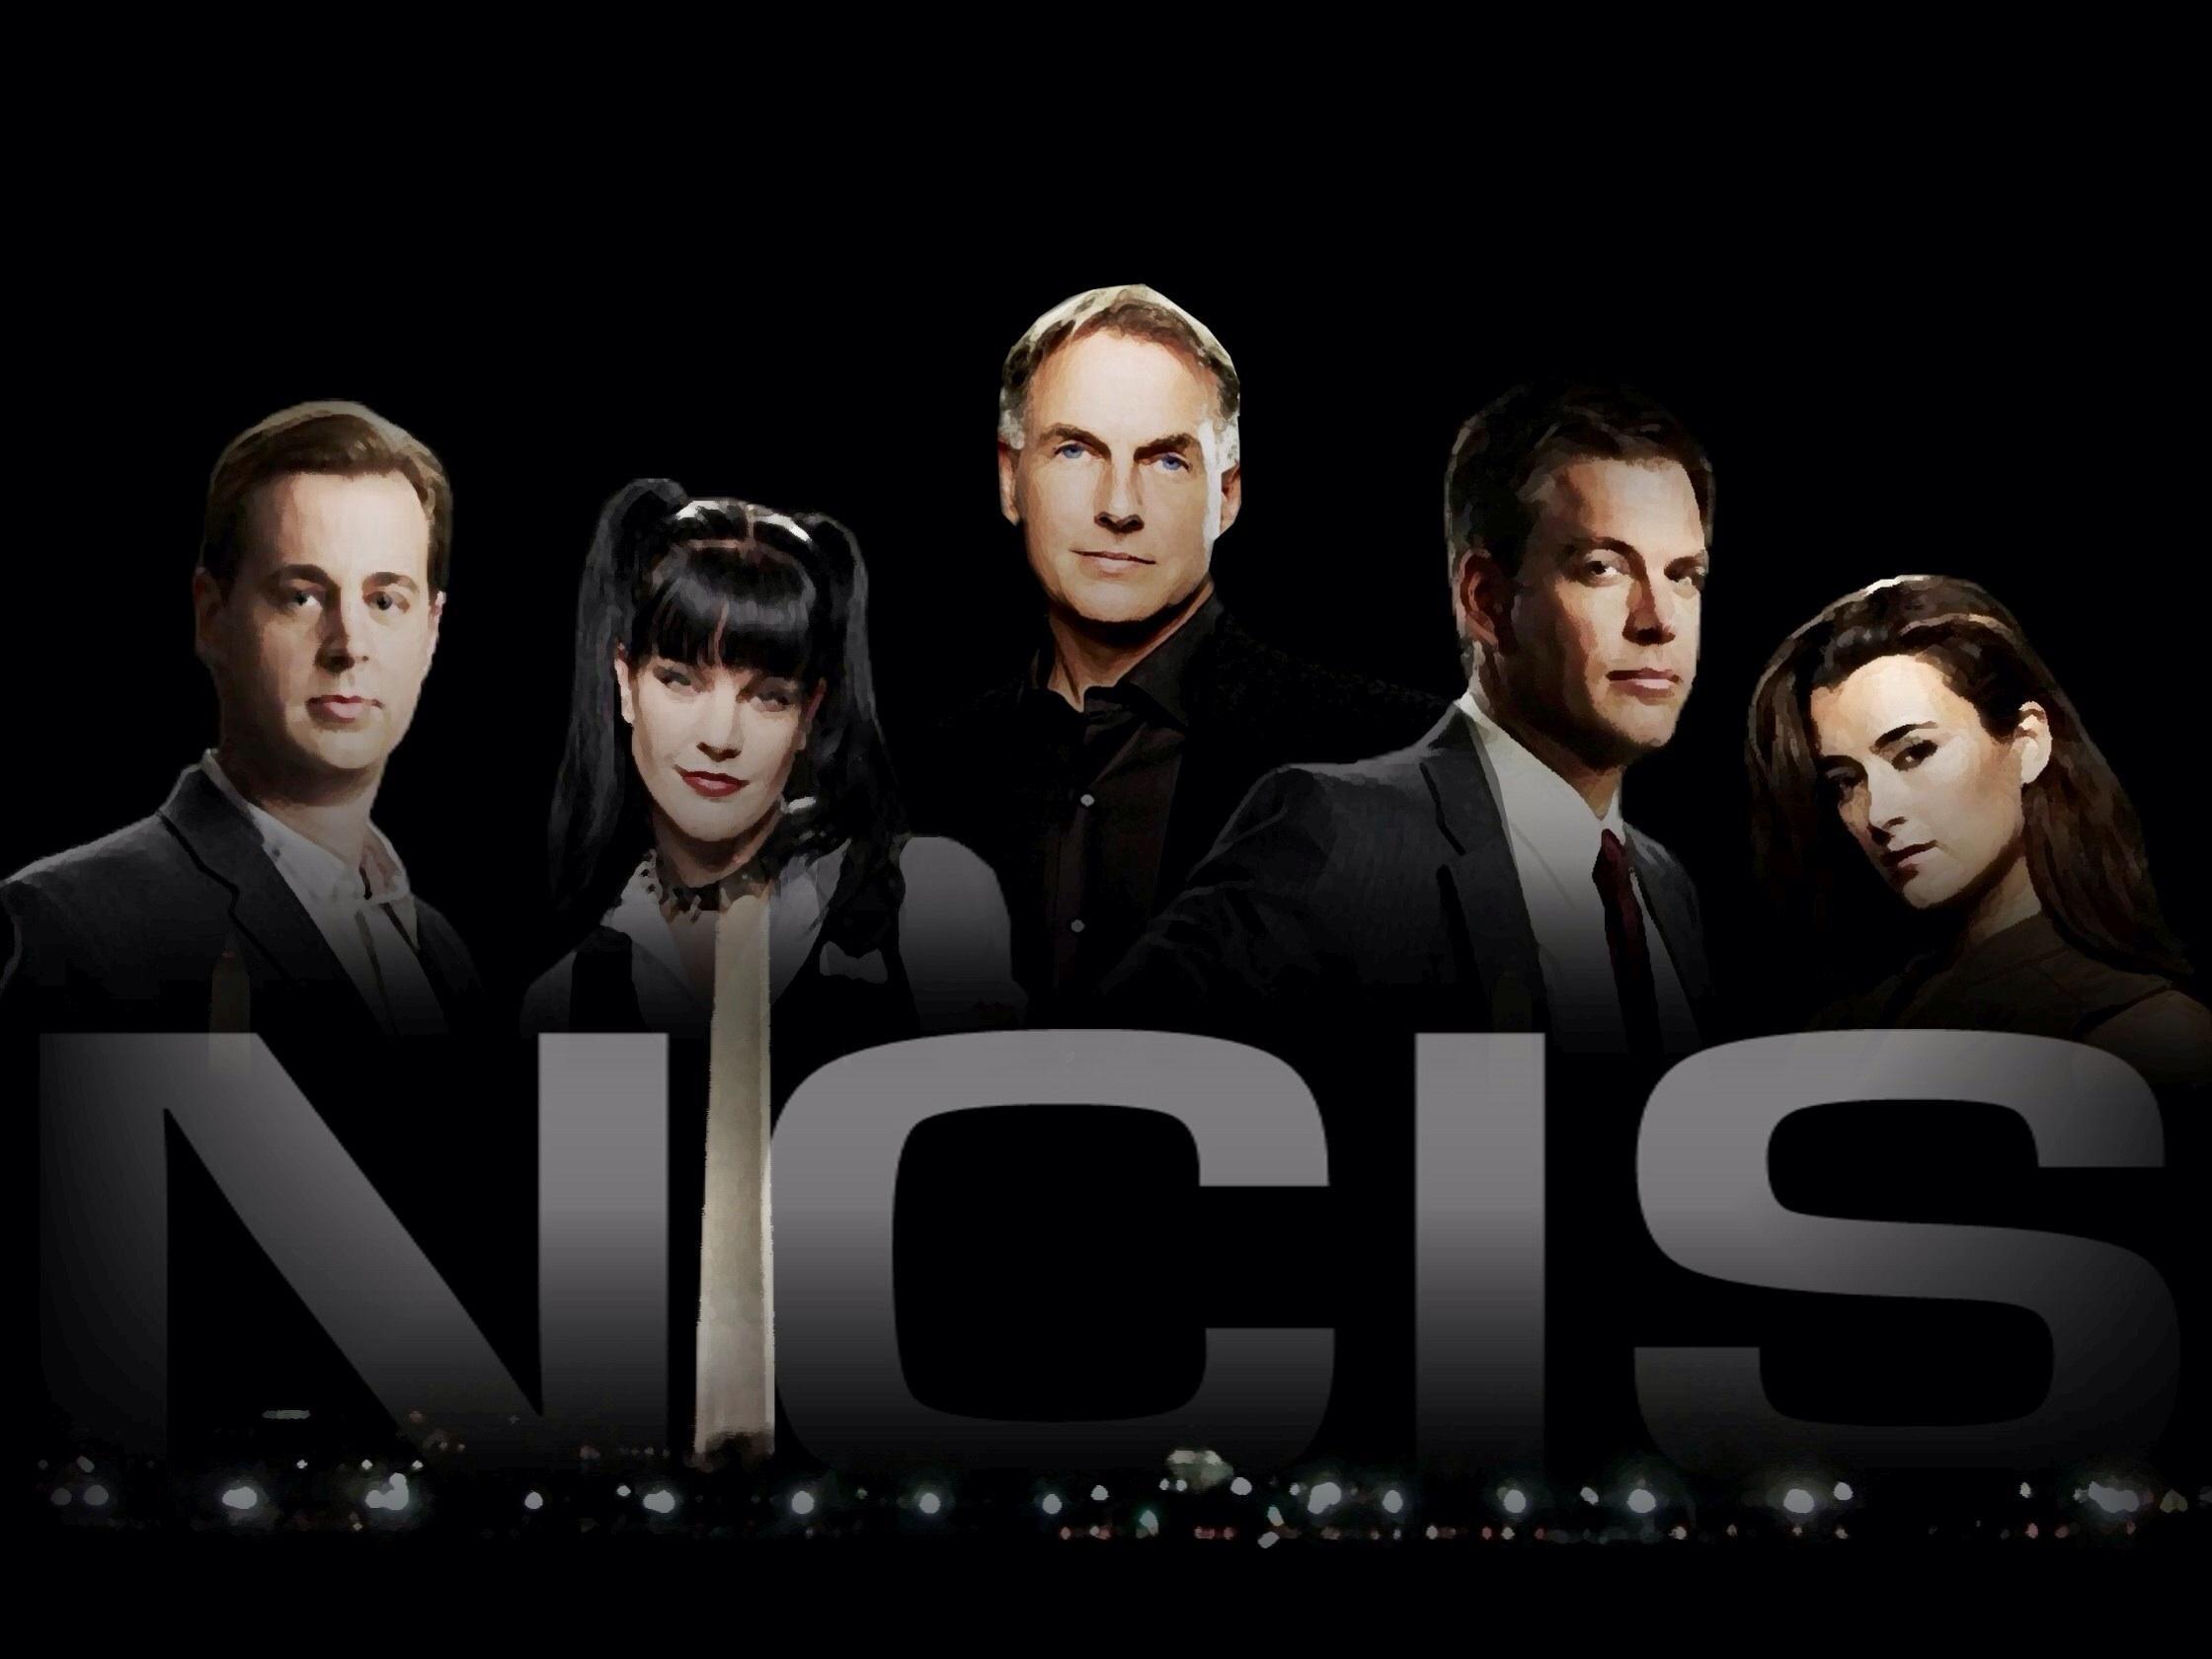 N. C. I. S